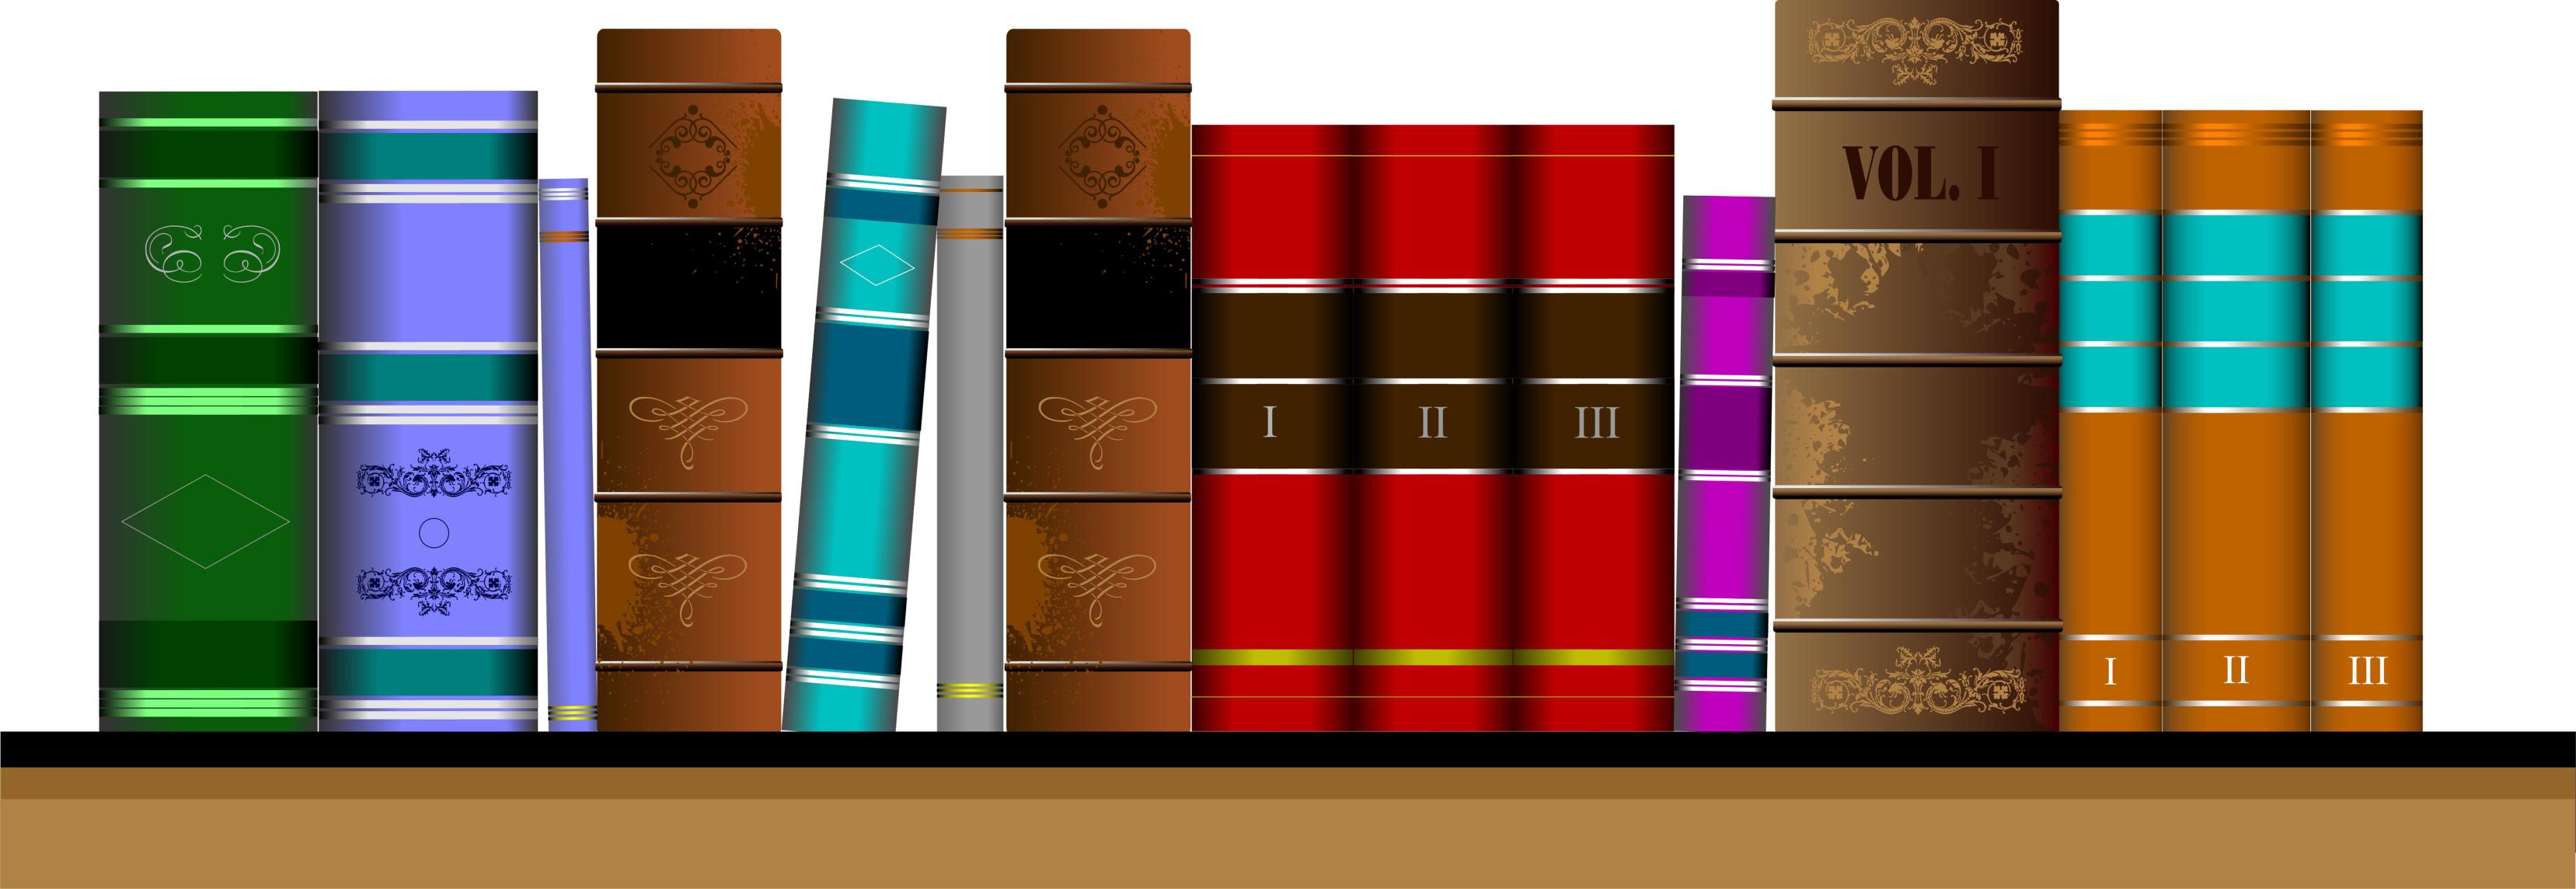 Book Reviews - Jacqui Murray